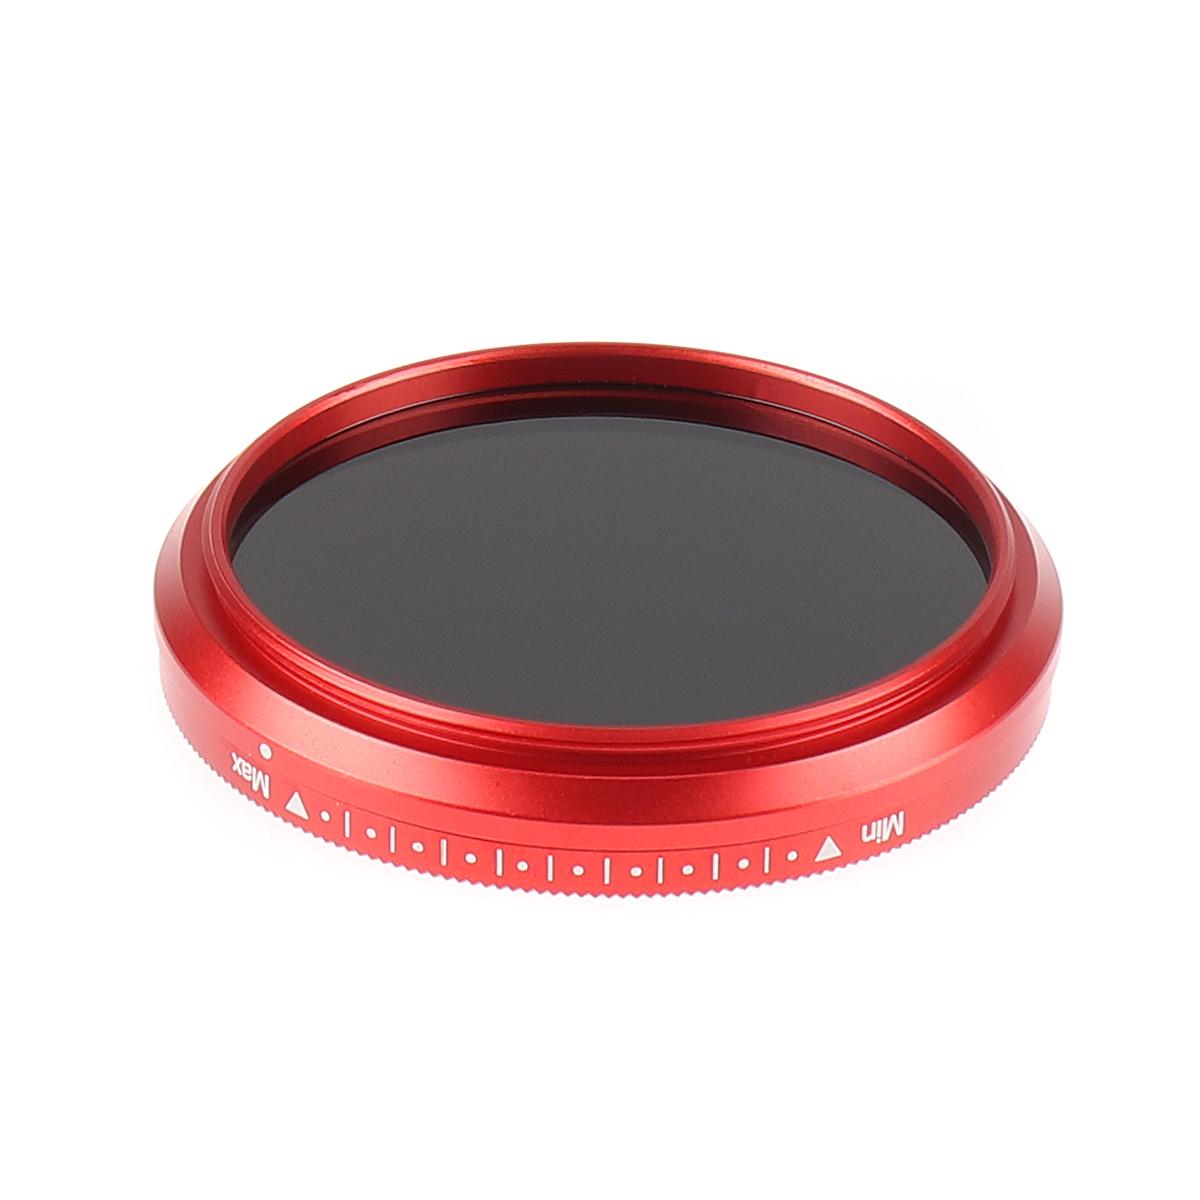 Fotga Slim Fader Variable ND Filter Adjustable ND2 to ND400 49mm Neutral Density Optical Glass for Camera Lens